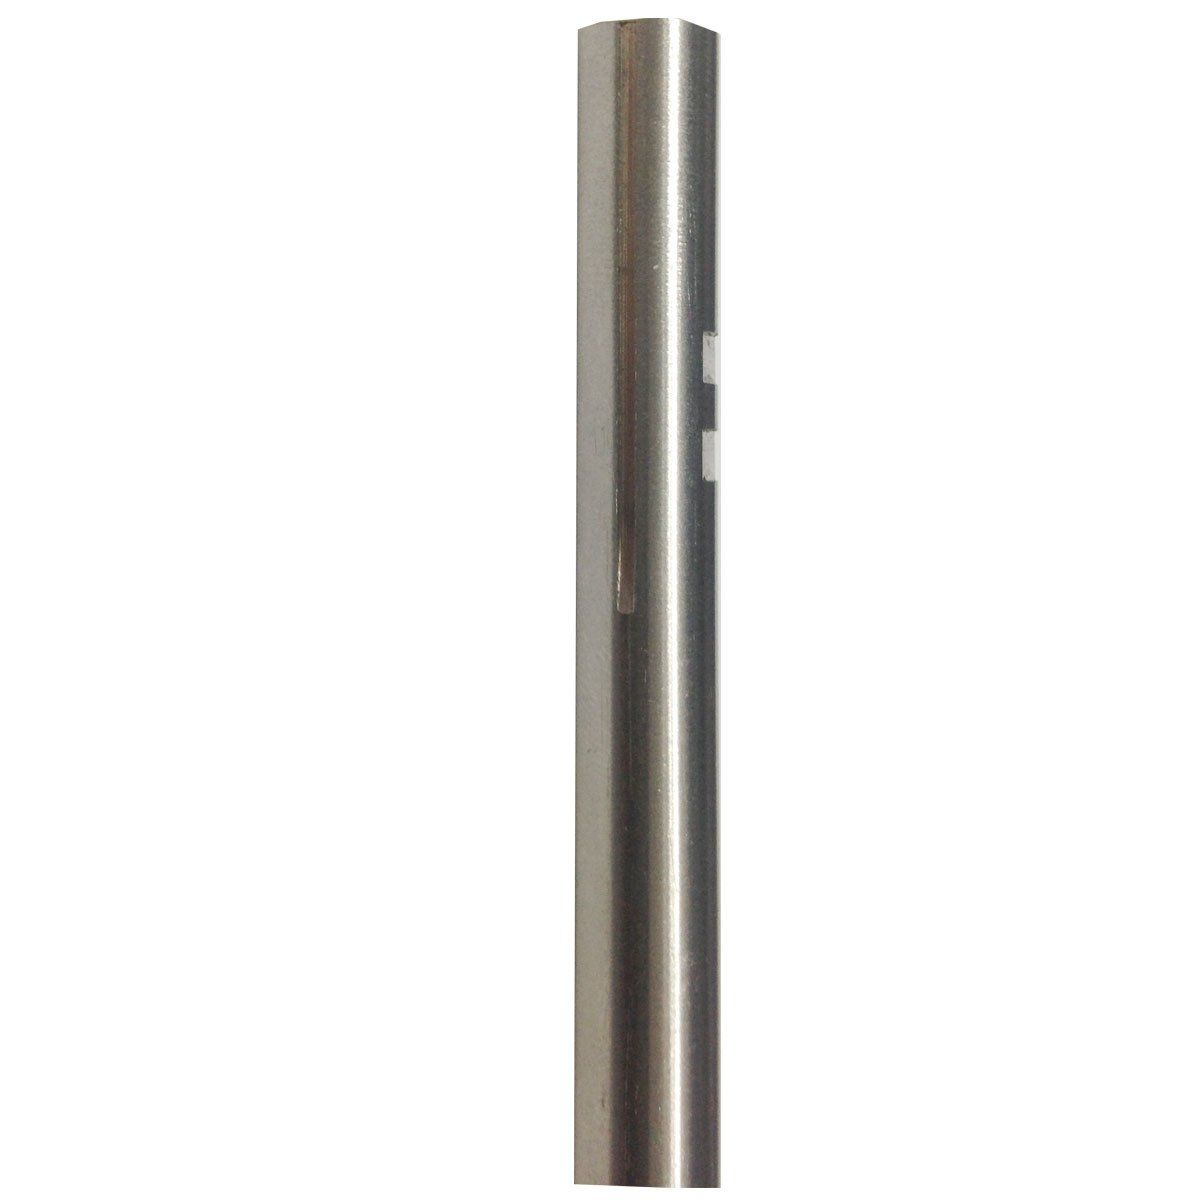 Cano de Precisão em Aço Inox 300mm 6.03mm PPS